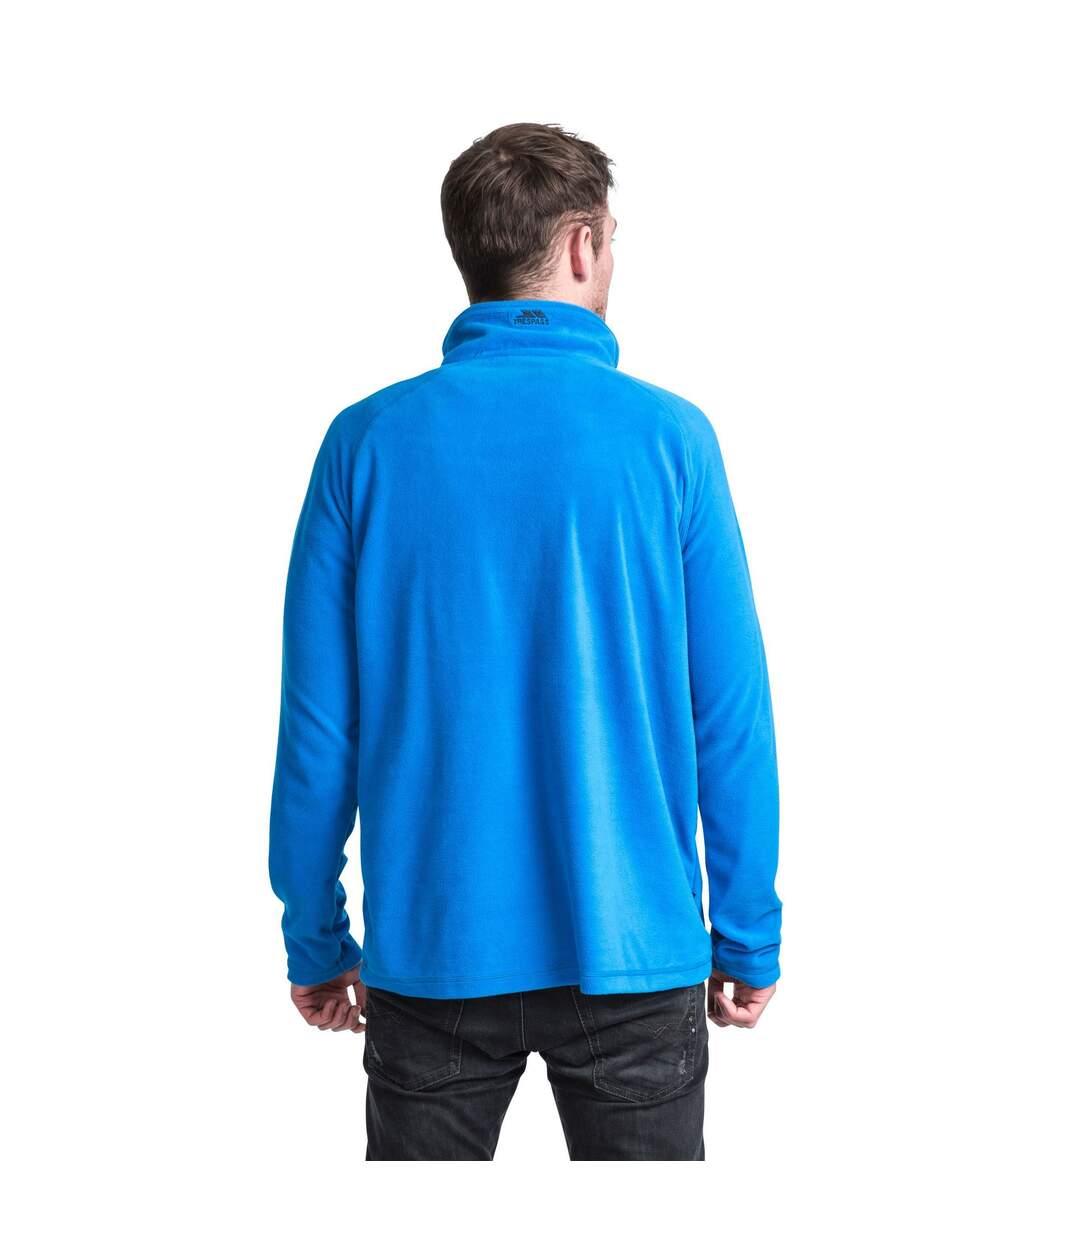 Trespass - Polaire BLACKFORD - Homme (Bleu vif) - UTTP4241